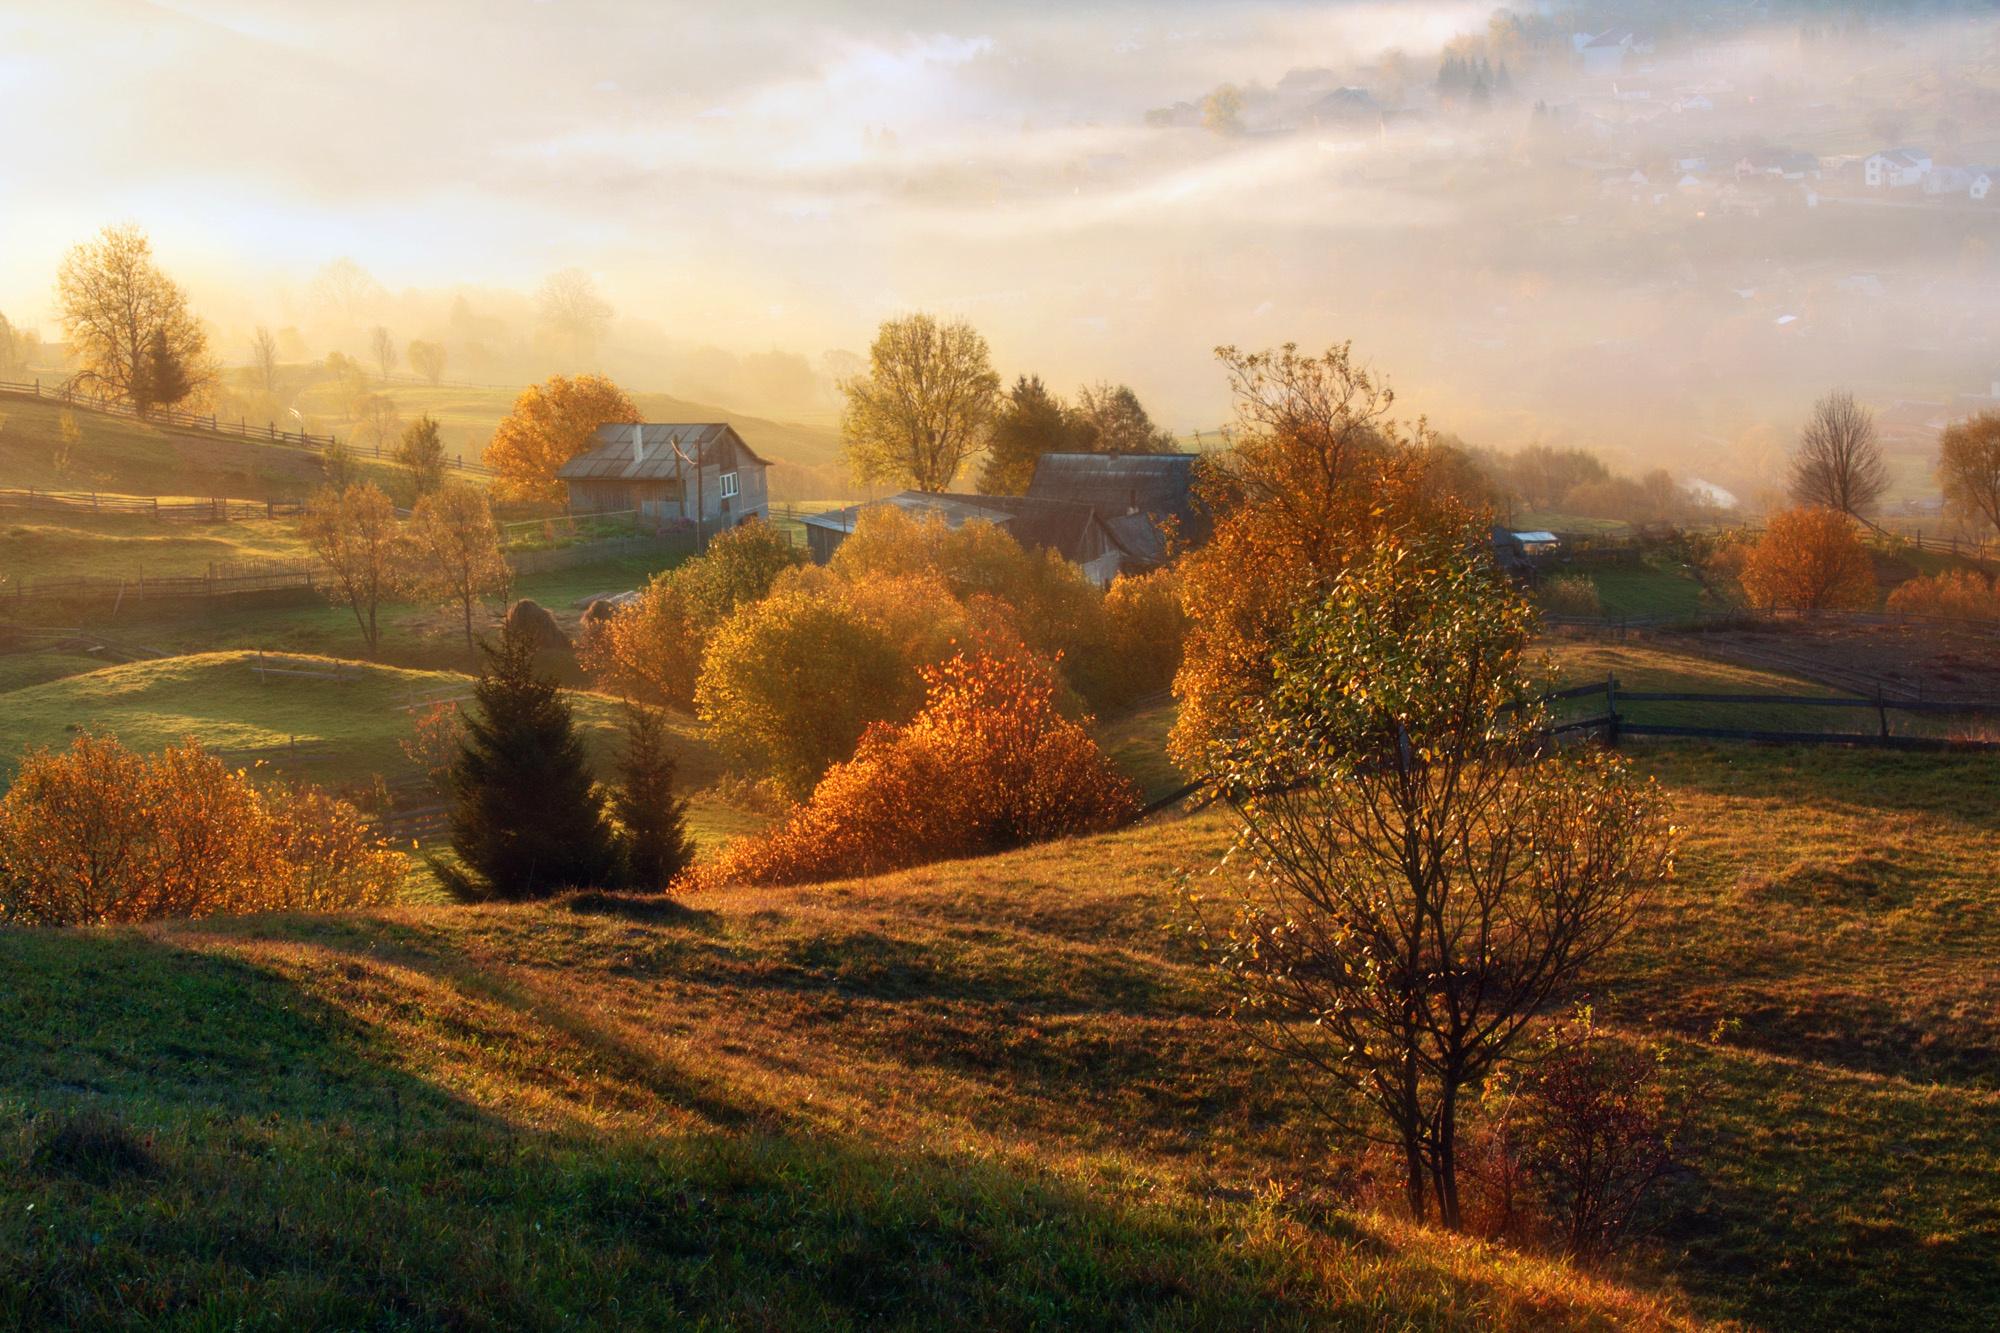 картинки лес природа осень деревня продюсирования, свободой